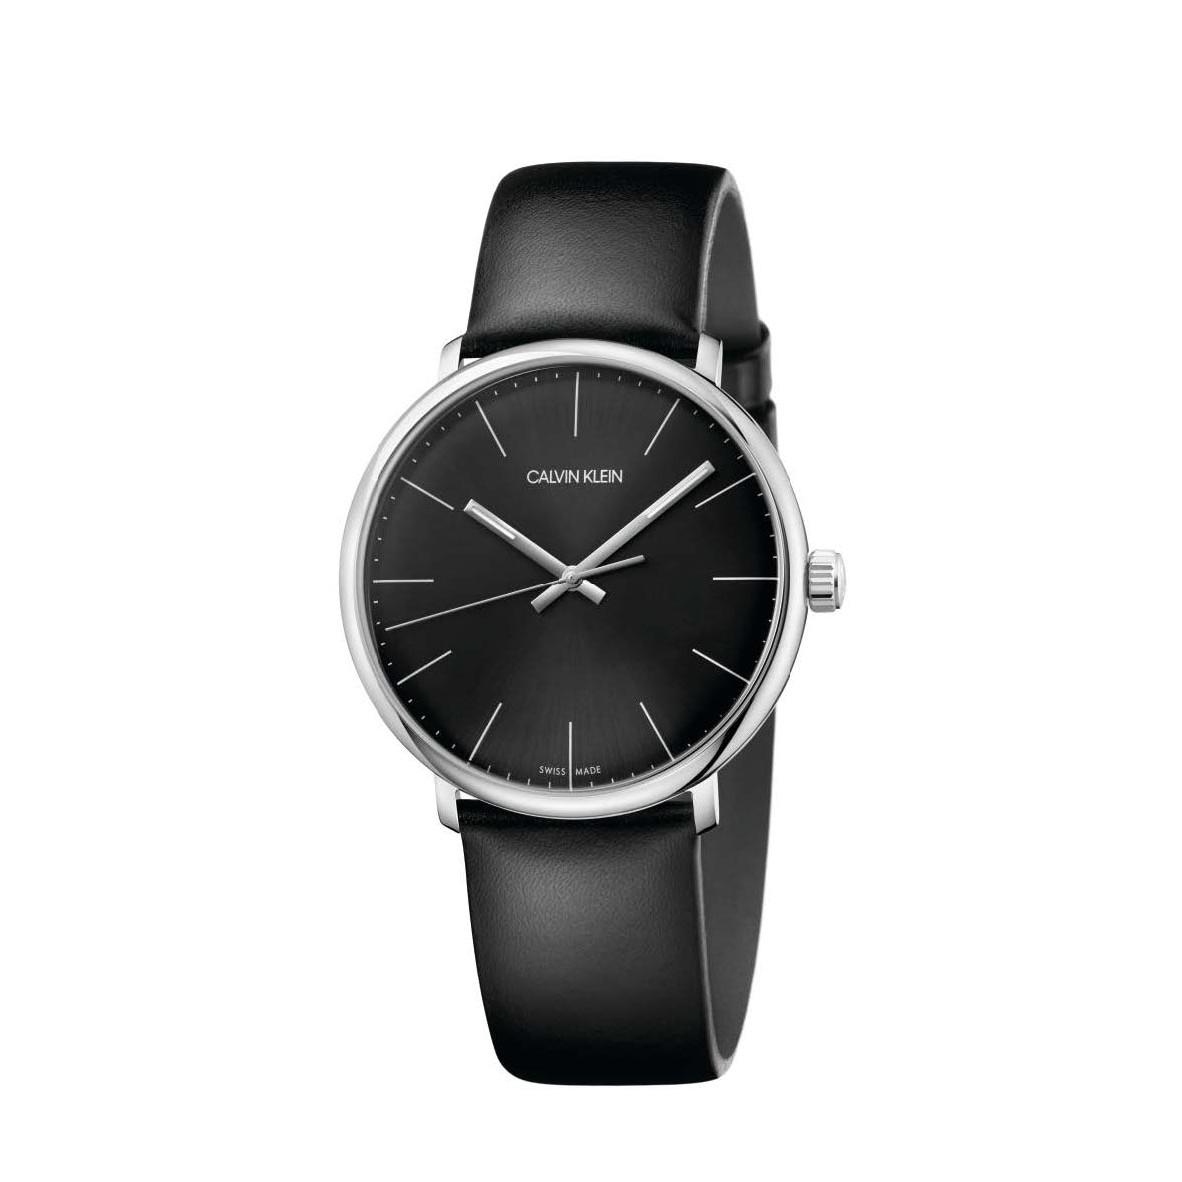 Đồng hồ Calvin Klein K8M211C1 Nam 40mm, Quartz (Pin), Thép không gỉ